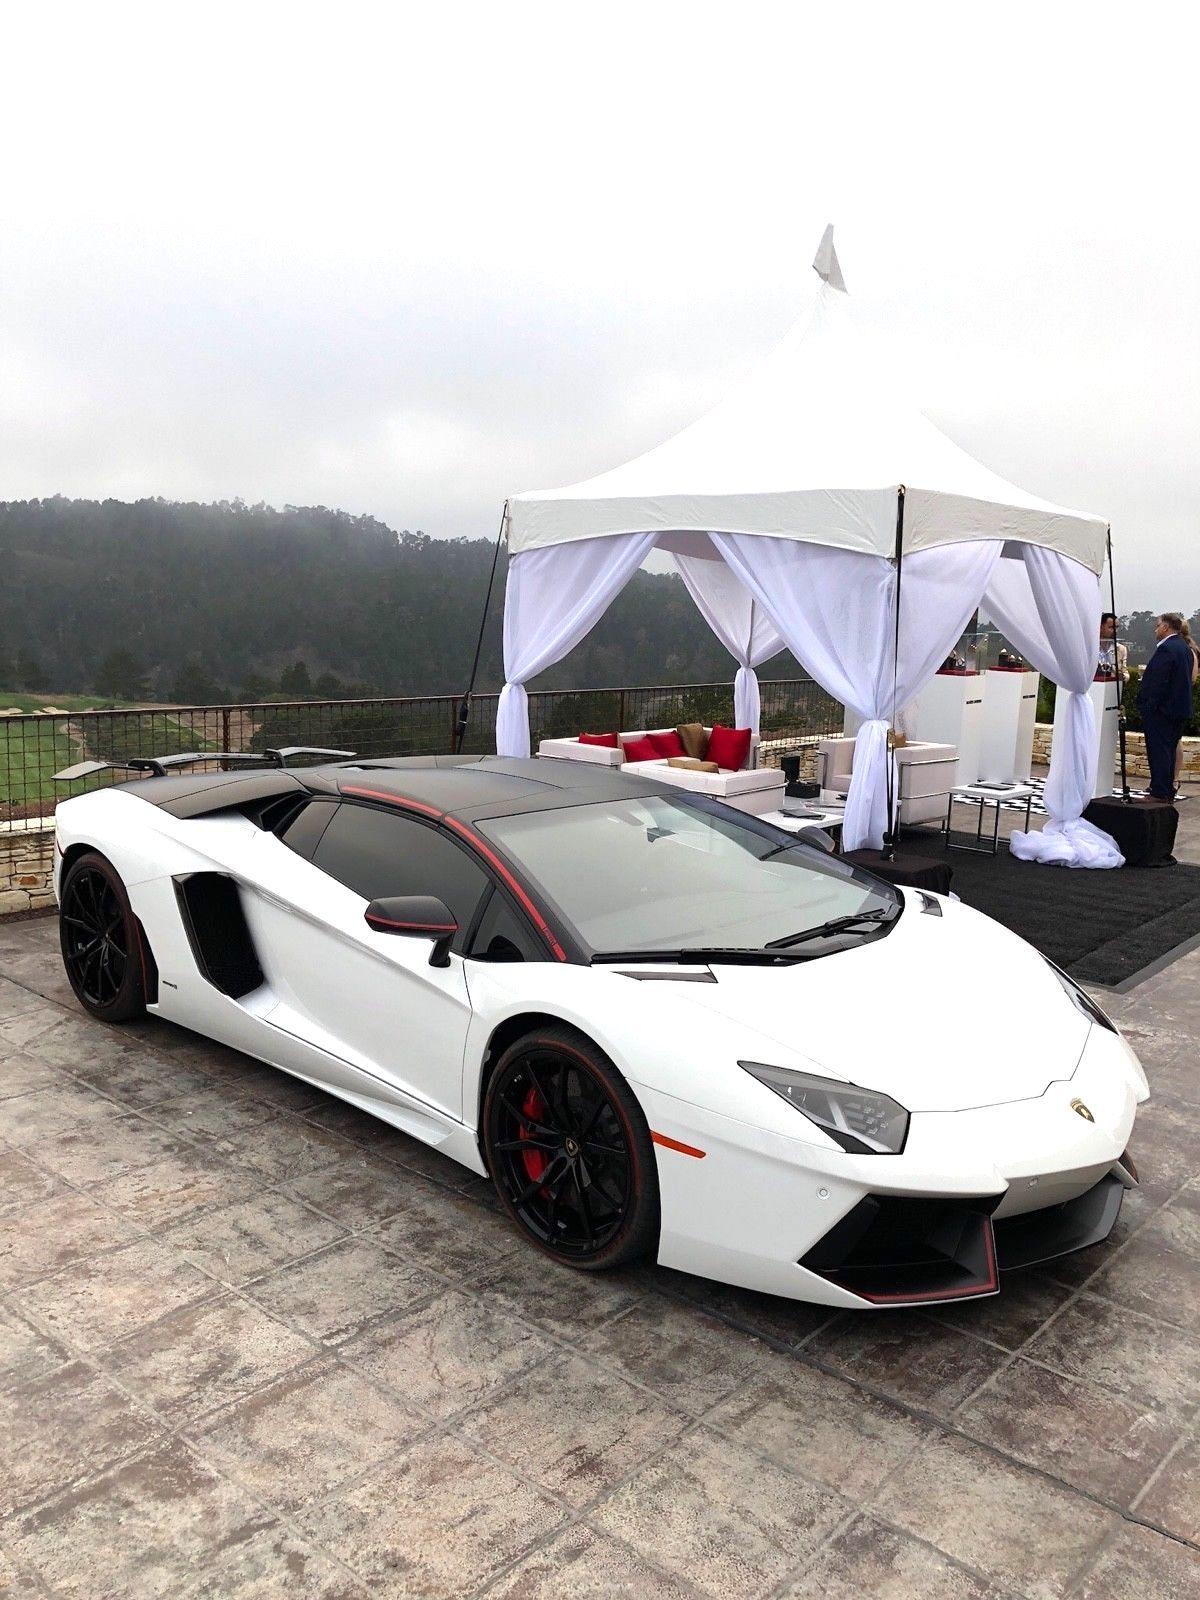 Details About 2016 Lamborghini Aventador Pirelli Exotic Car